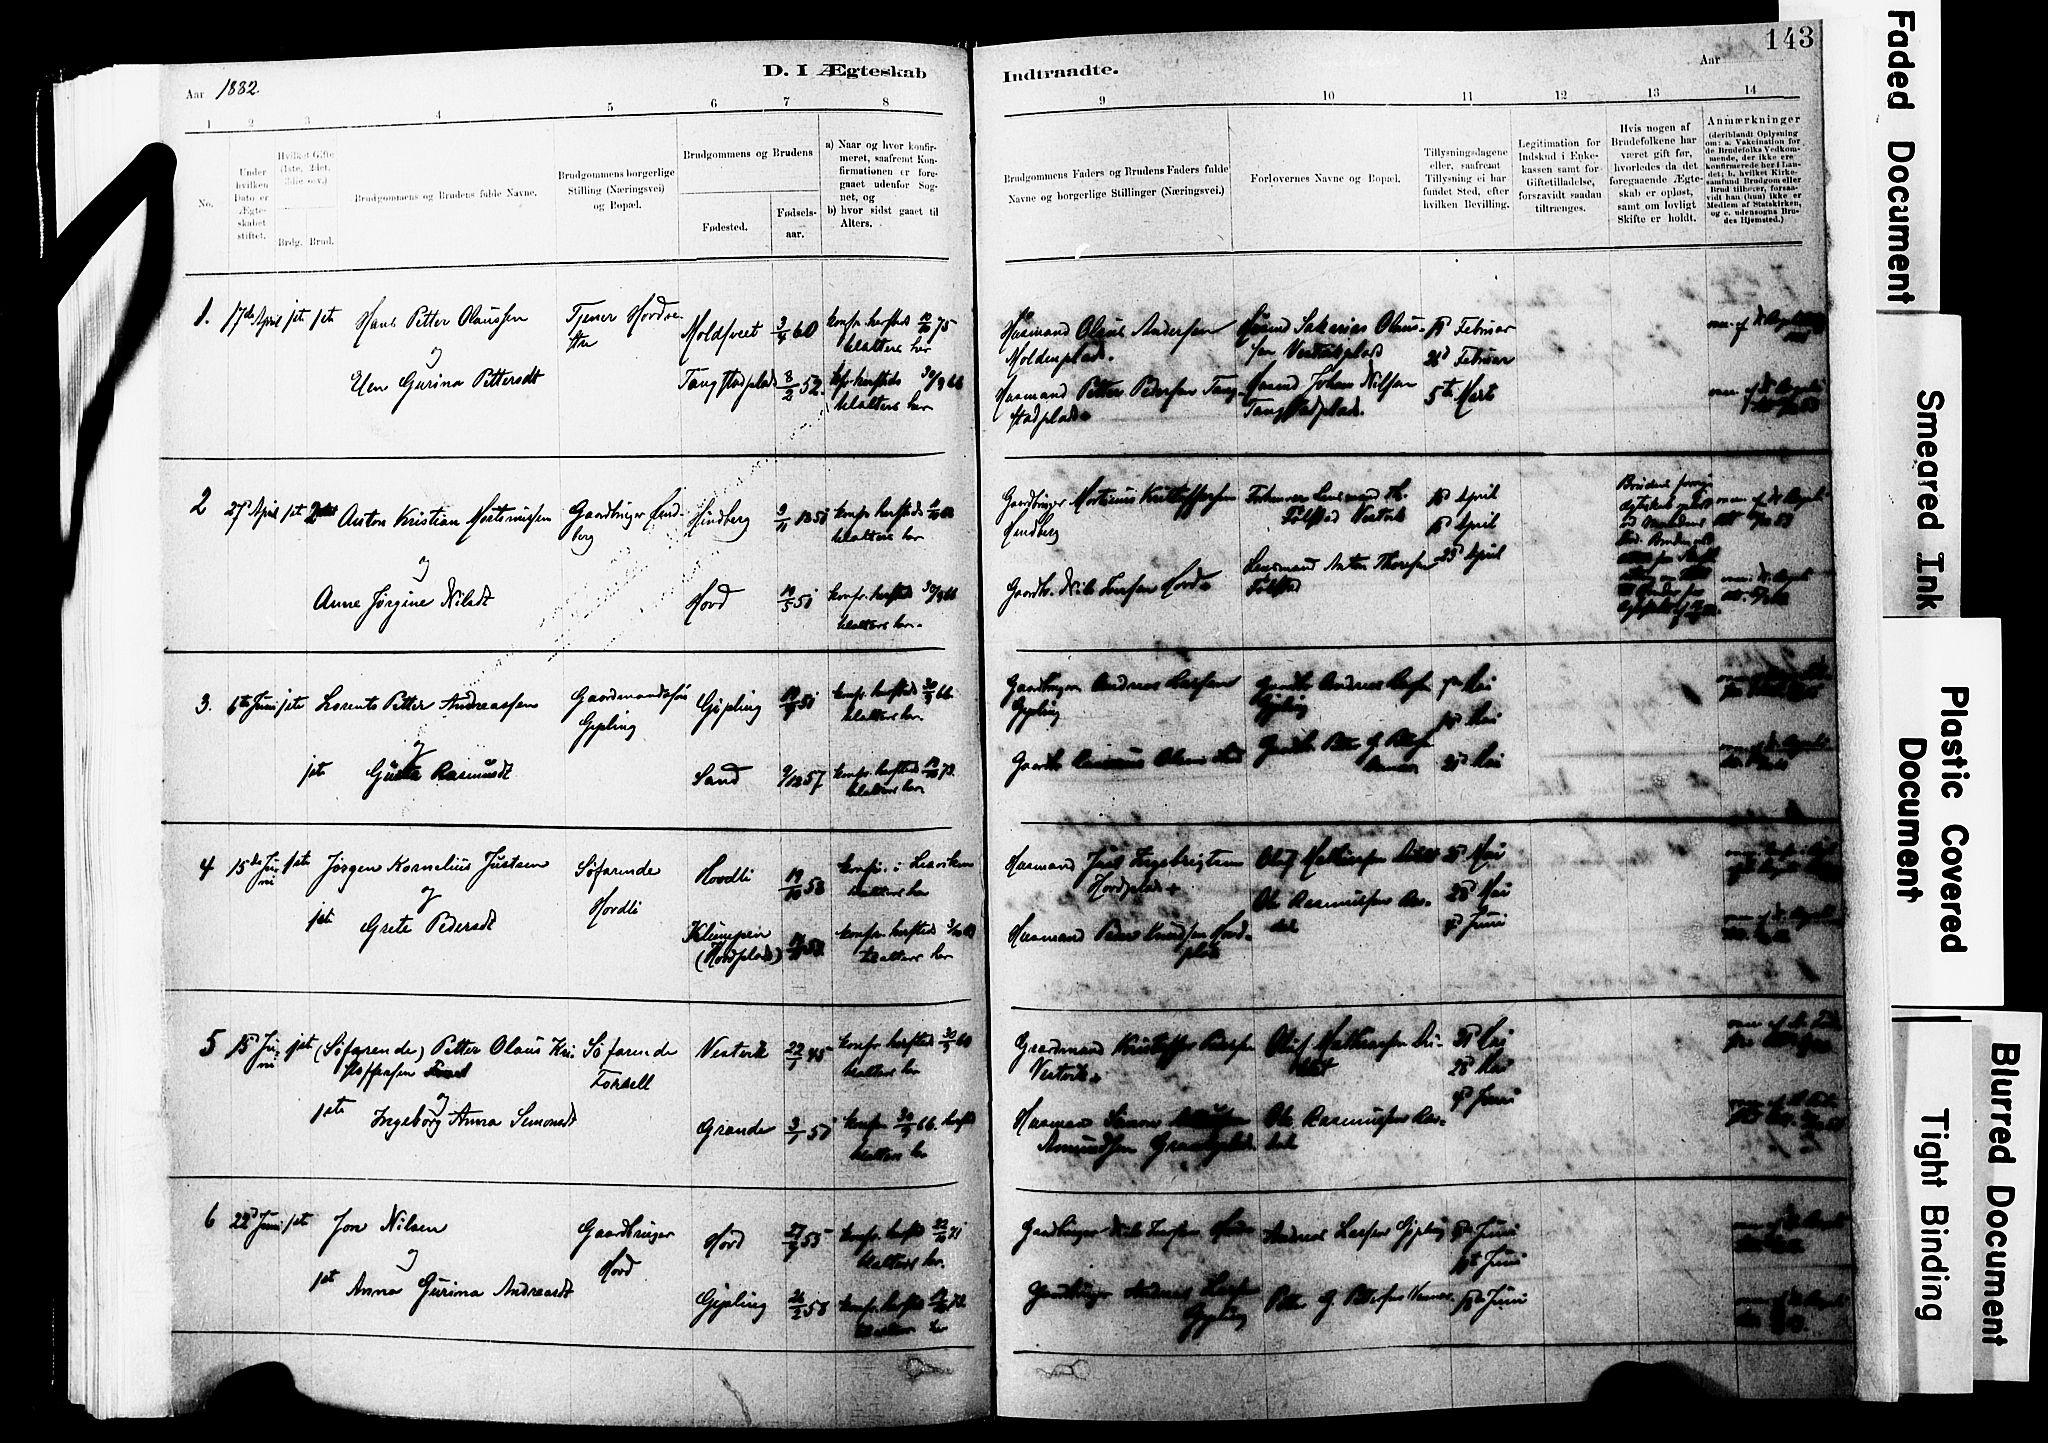 SAT, Ministerialprotokoller, klokkerbøker og fødselsregistre - Nord-Trøndelag, 744/L0420: Ministerialbok nr. 744A04, 1882-1904, s. 143